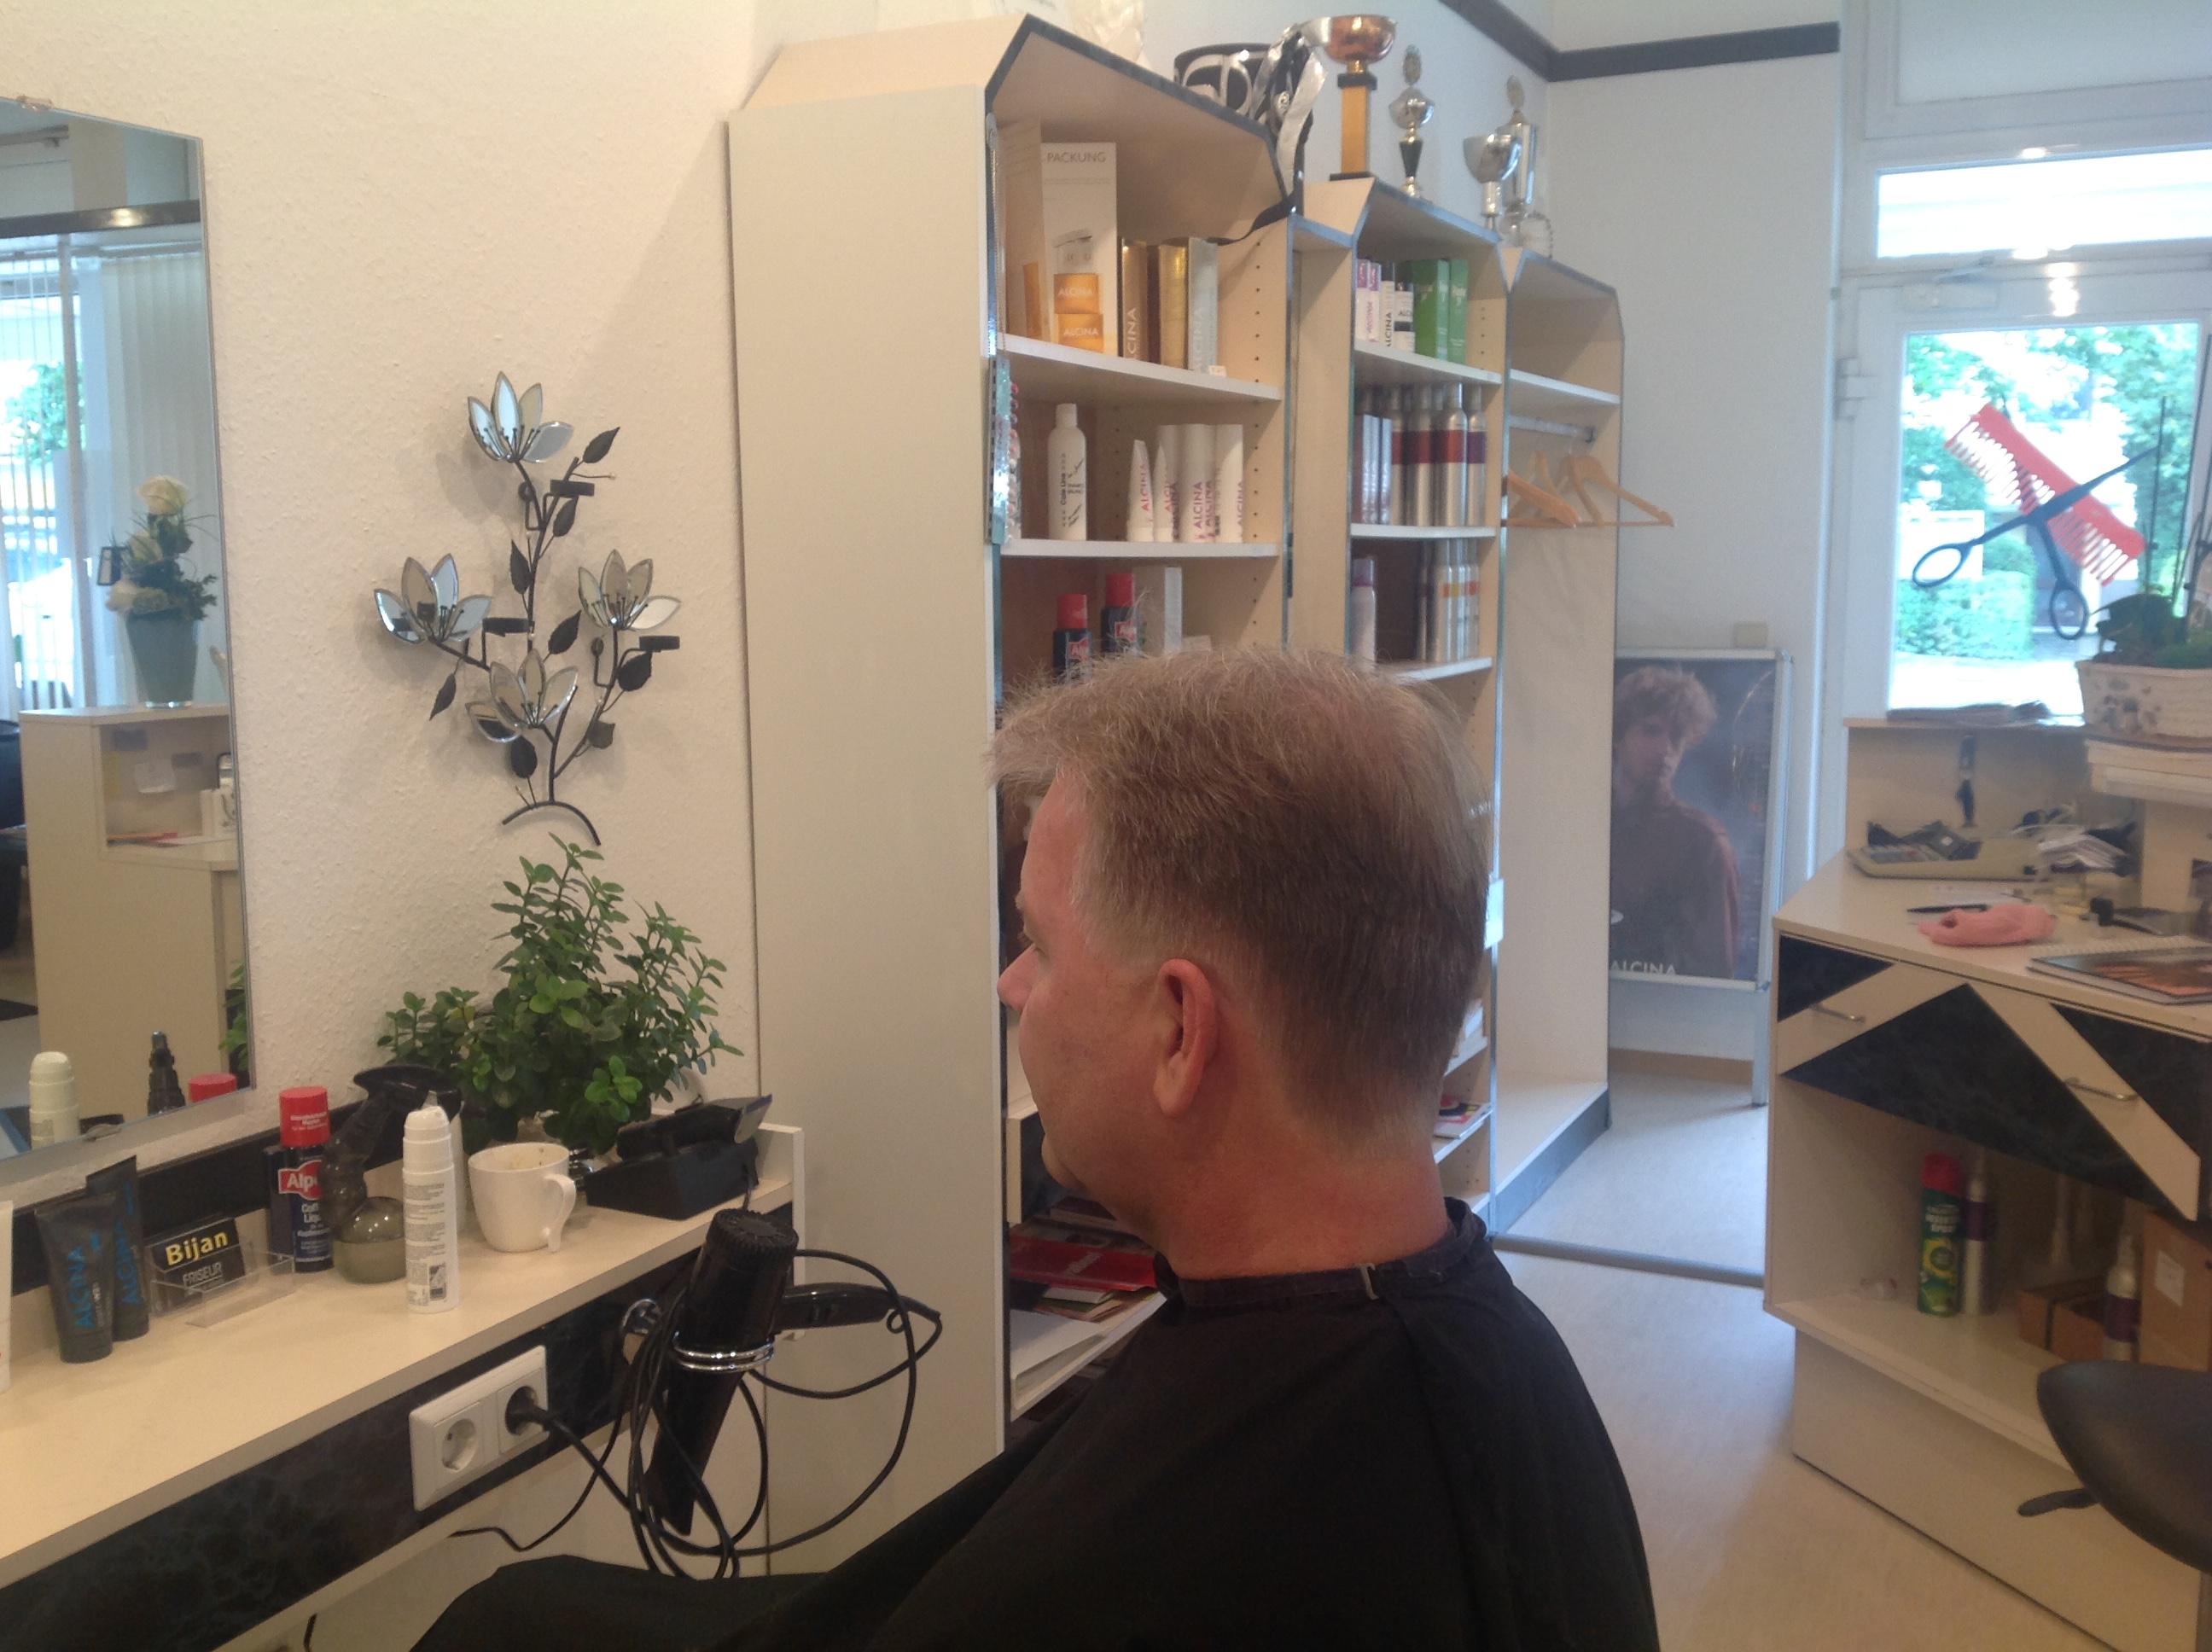 Friseur Studio Bijan Friseur 28357 Bremen Lehesterdeich